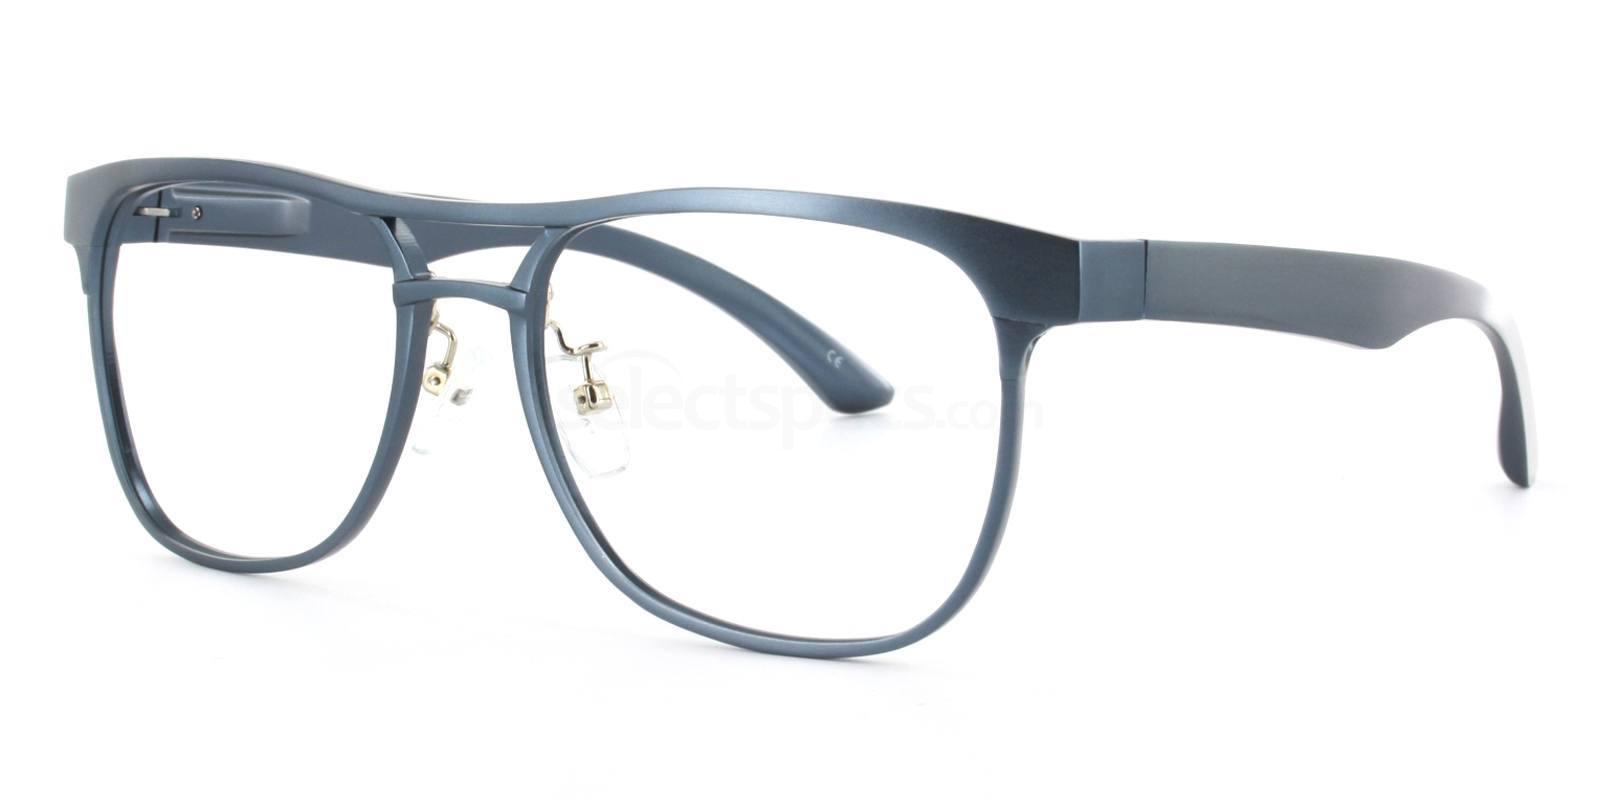 C7 GF072 Glasses, Antares